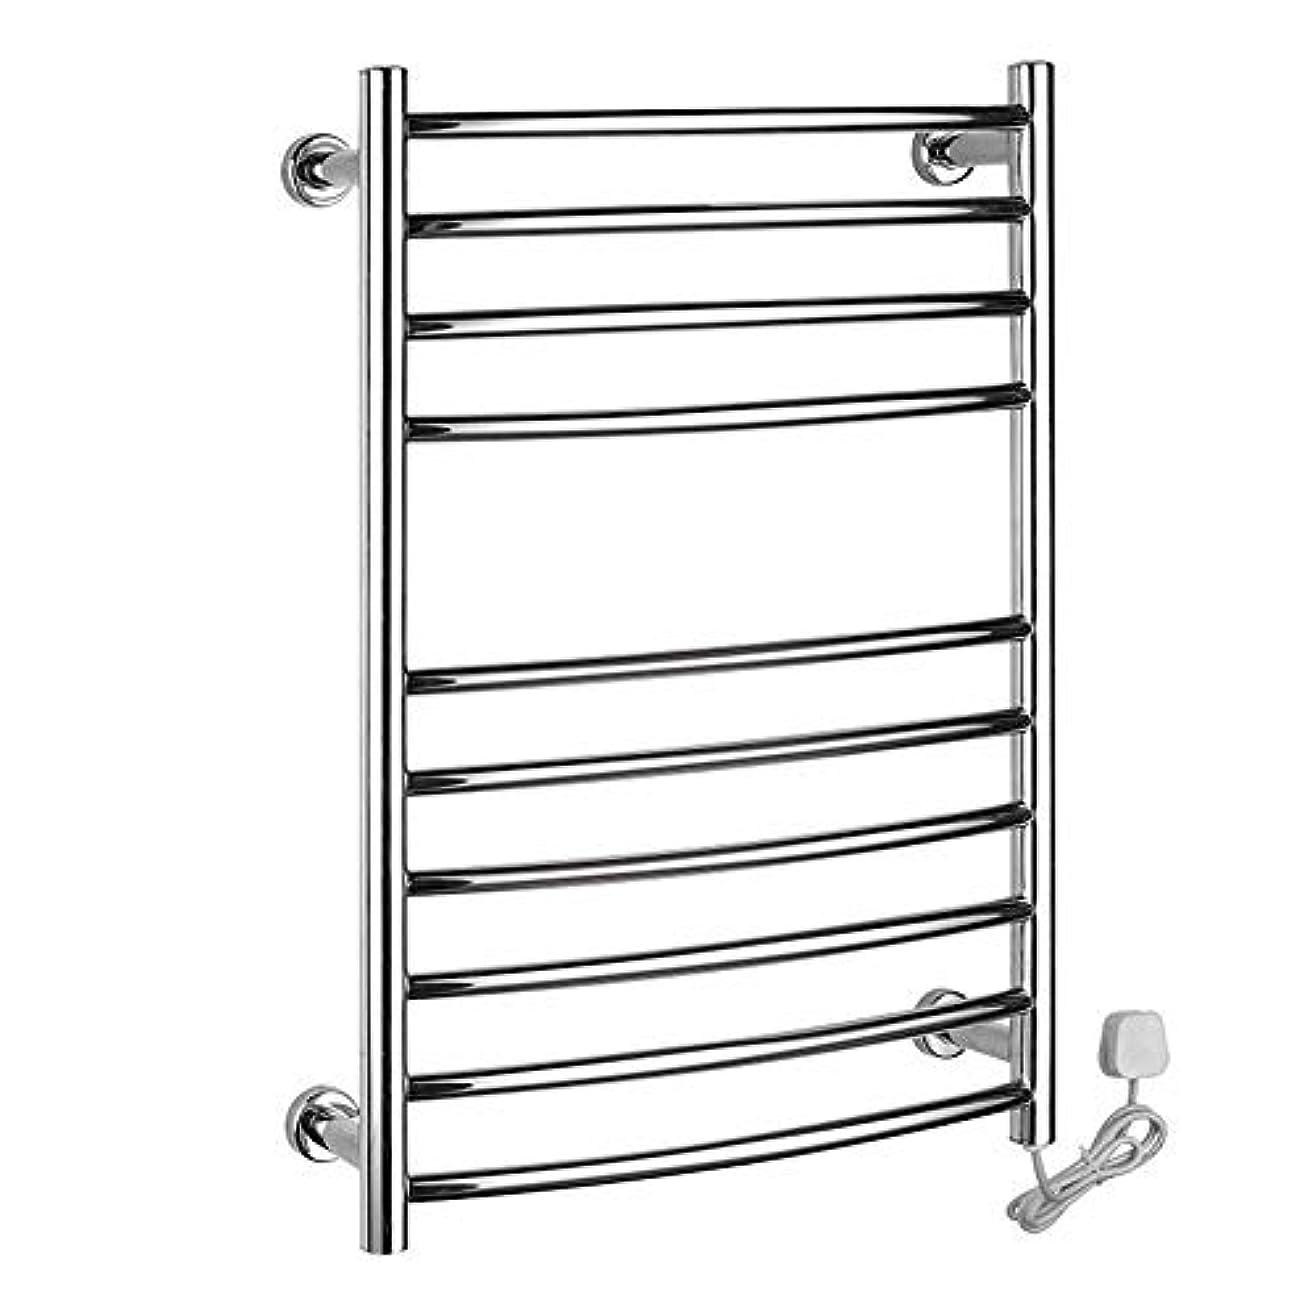 こする悲しむ請求可能304ステンレス鋼の電気タオル掛け、浴室の乾燥の棚、タオル掛けのラジエーター、壁に取り付けられた暖房タオル掛け750X520X125mm